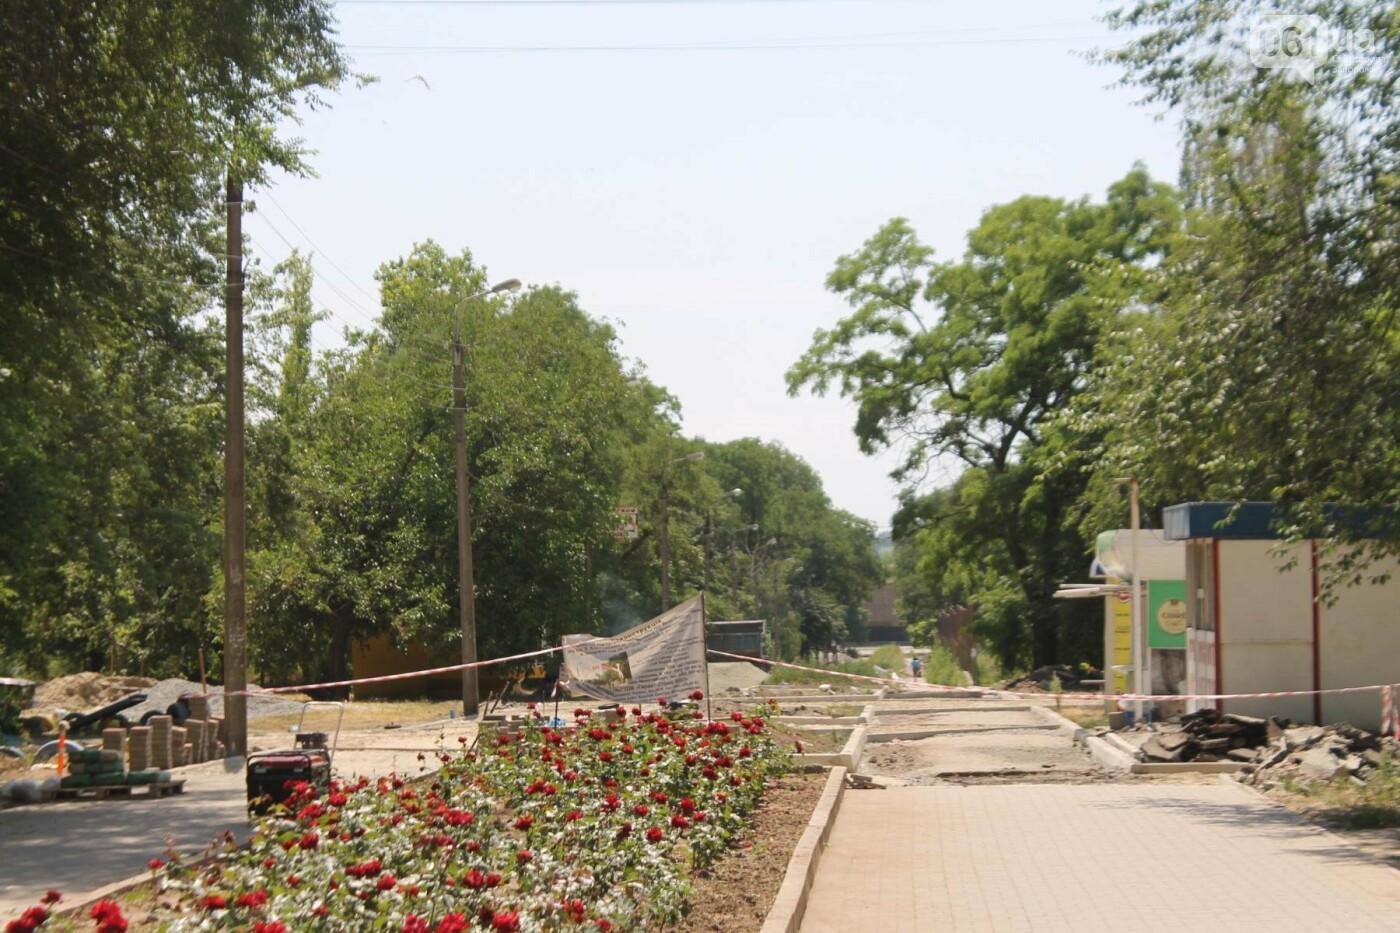 На Якова Новицкого в Запорожье возобновили реконструкцию пешеходной аллеи: обещают закончить до конца лета, – ФОТОРЕПОРТАЖ, фото-3